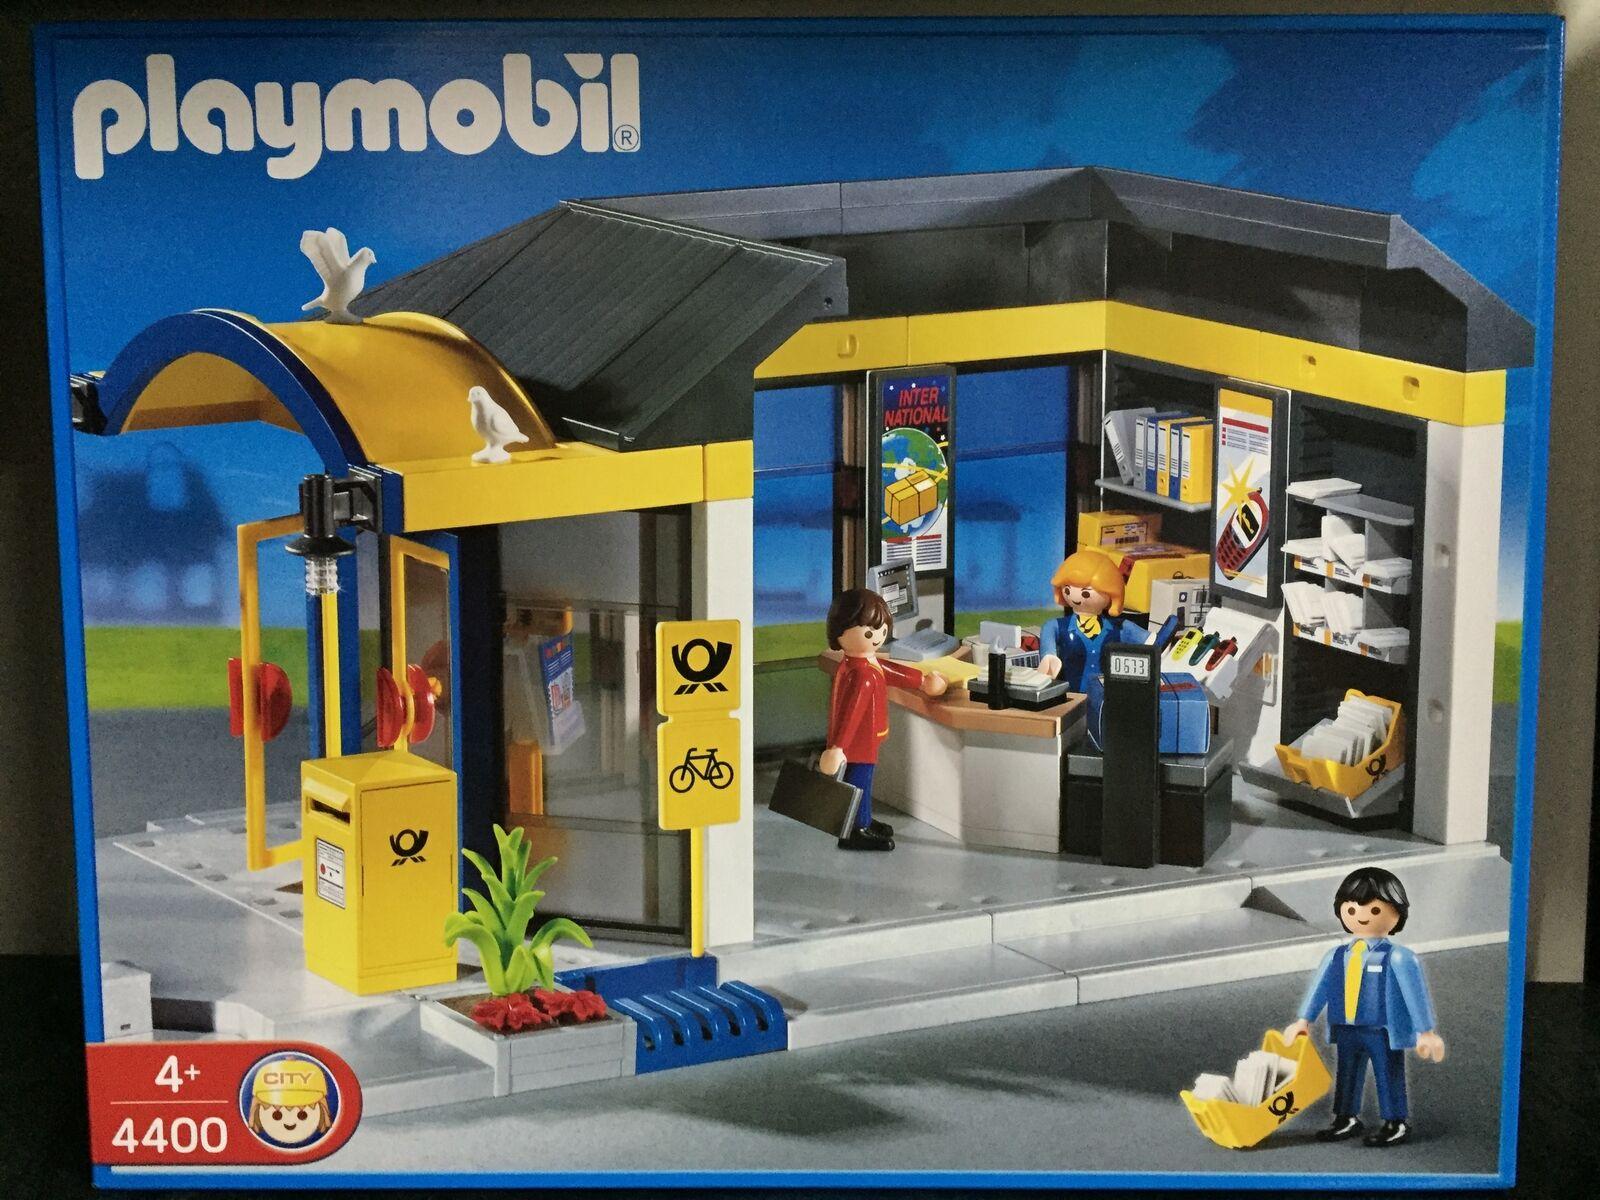 Playmobil Città 4400 UFFICIO POSTALE Postal Office MIB, 2003